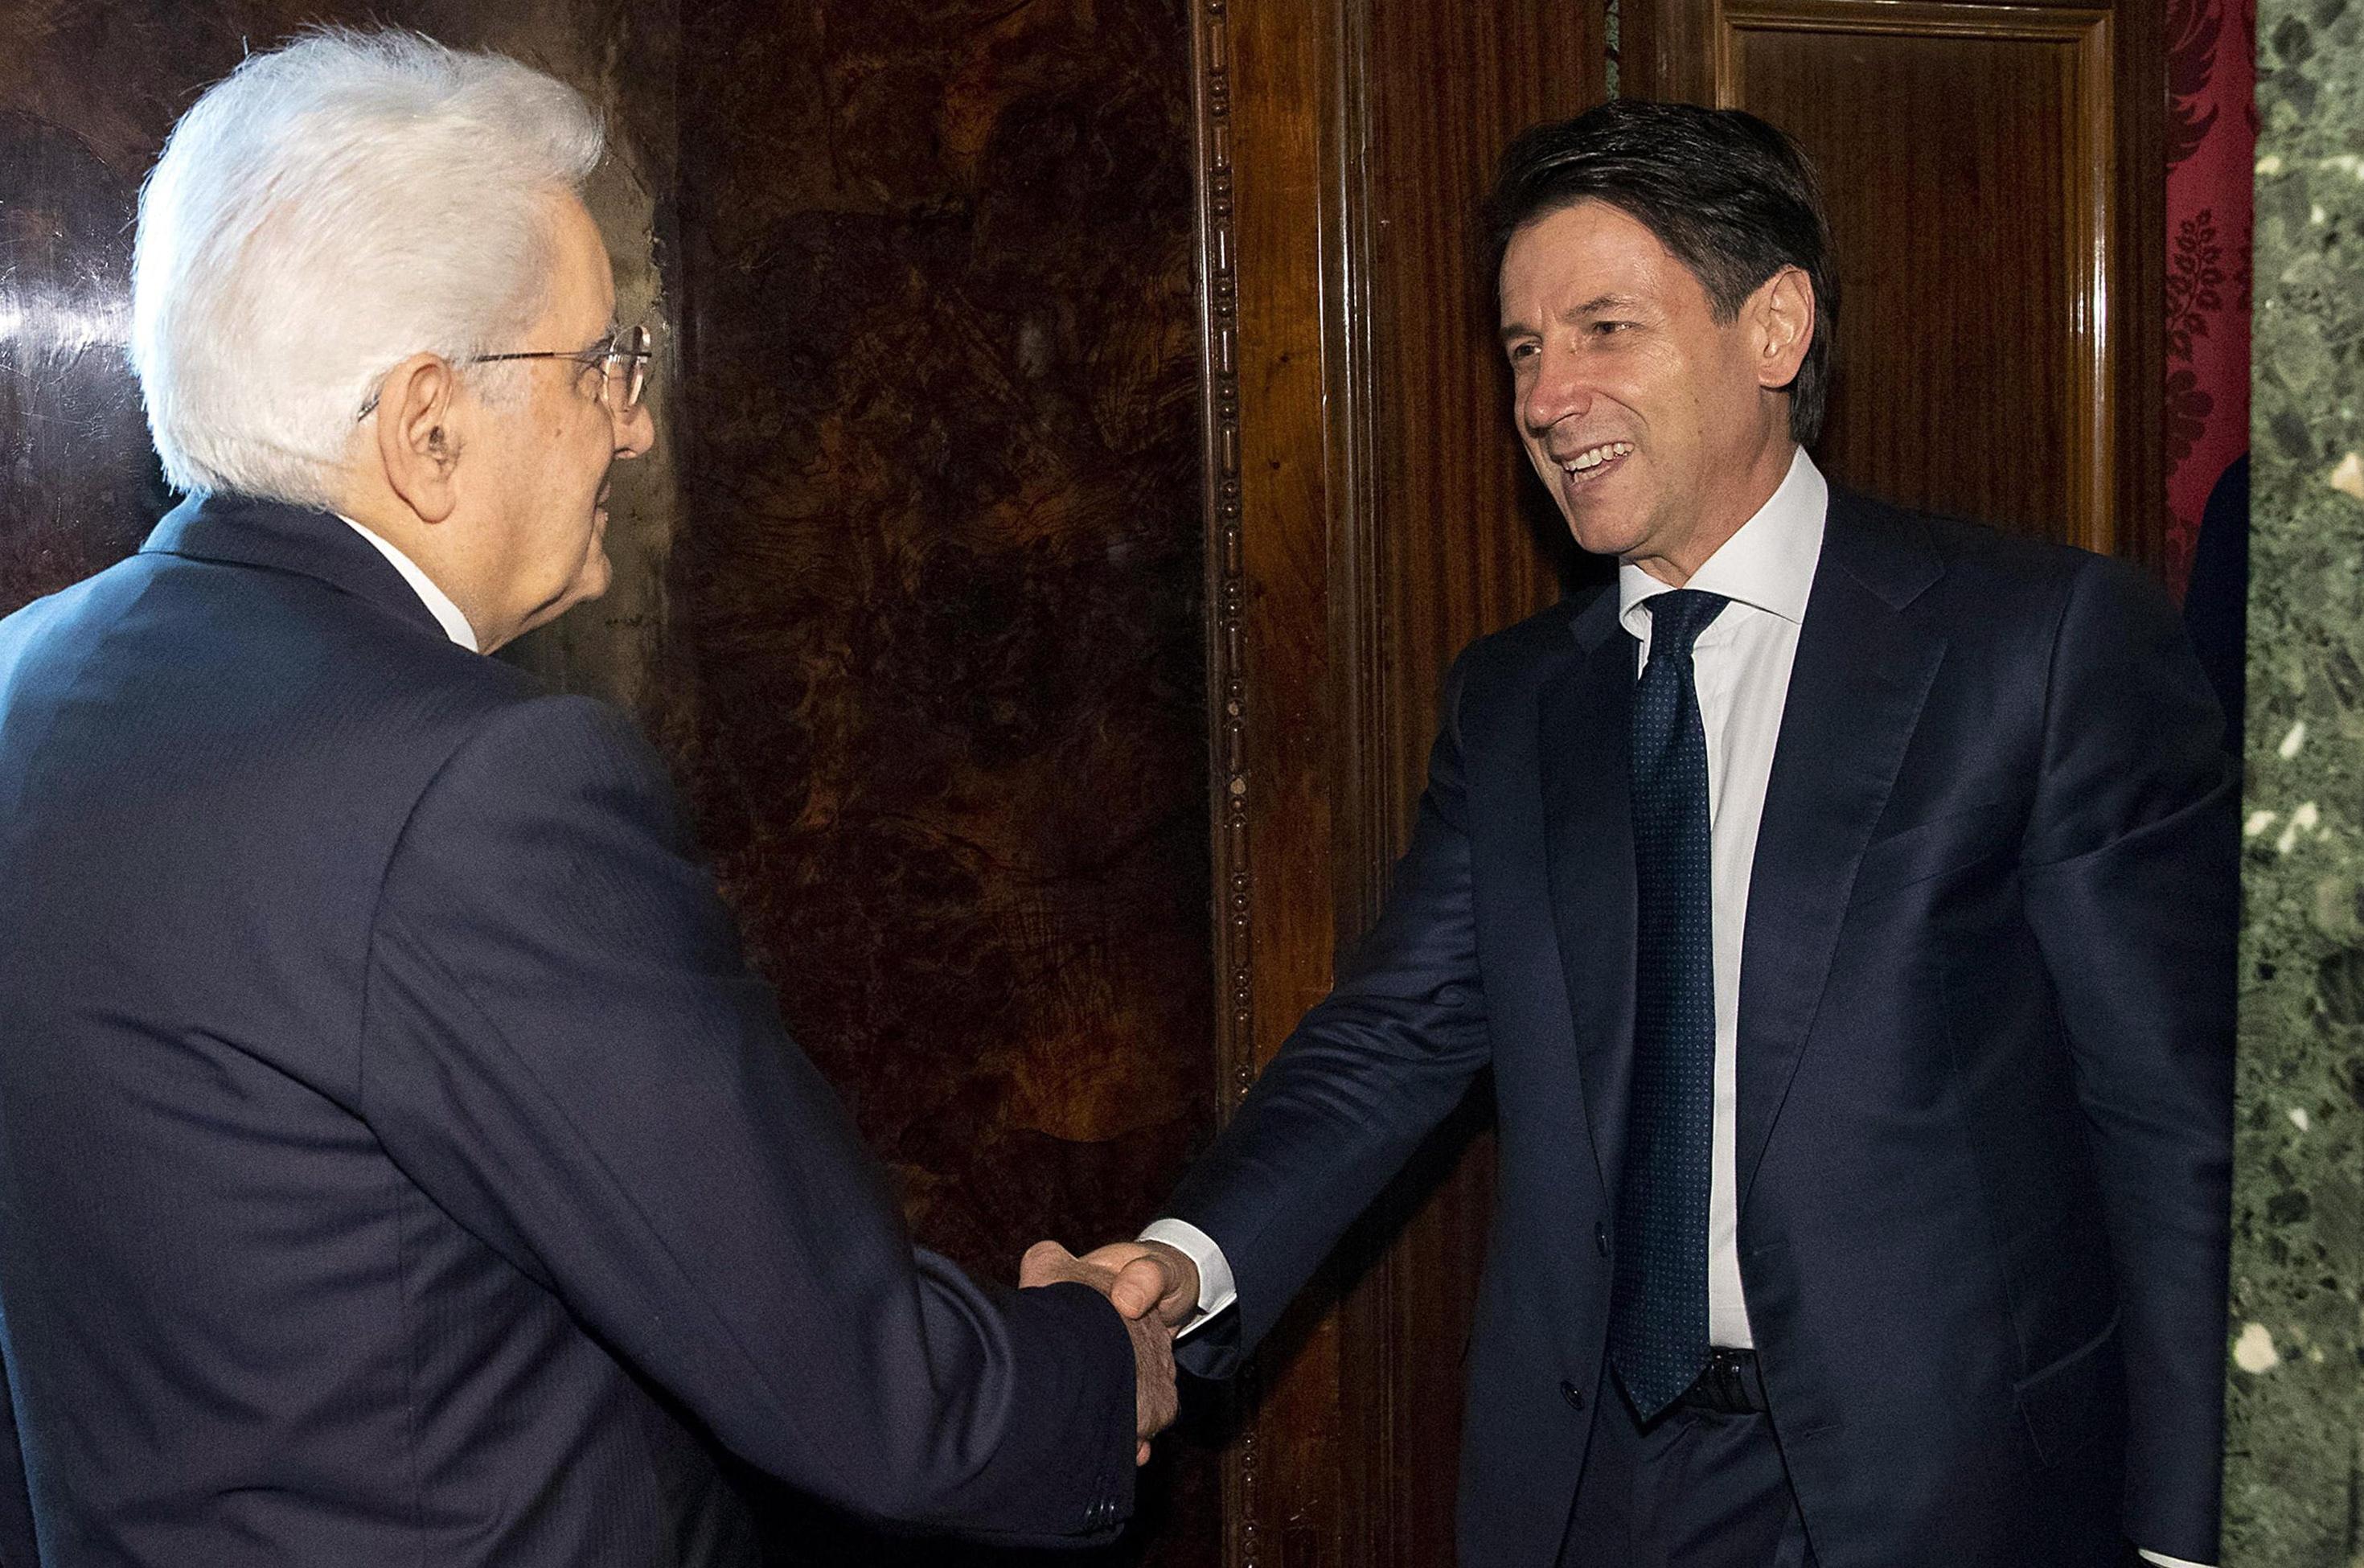 se-politiki-krisi-vythizetai-i-italia-meta-to-veto-matarela0